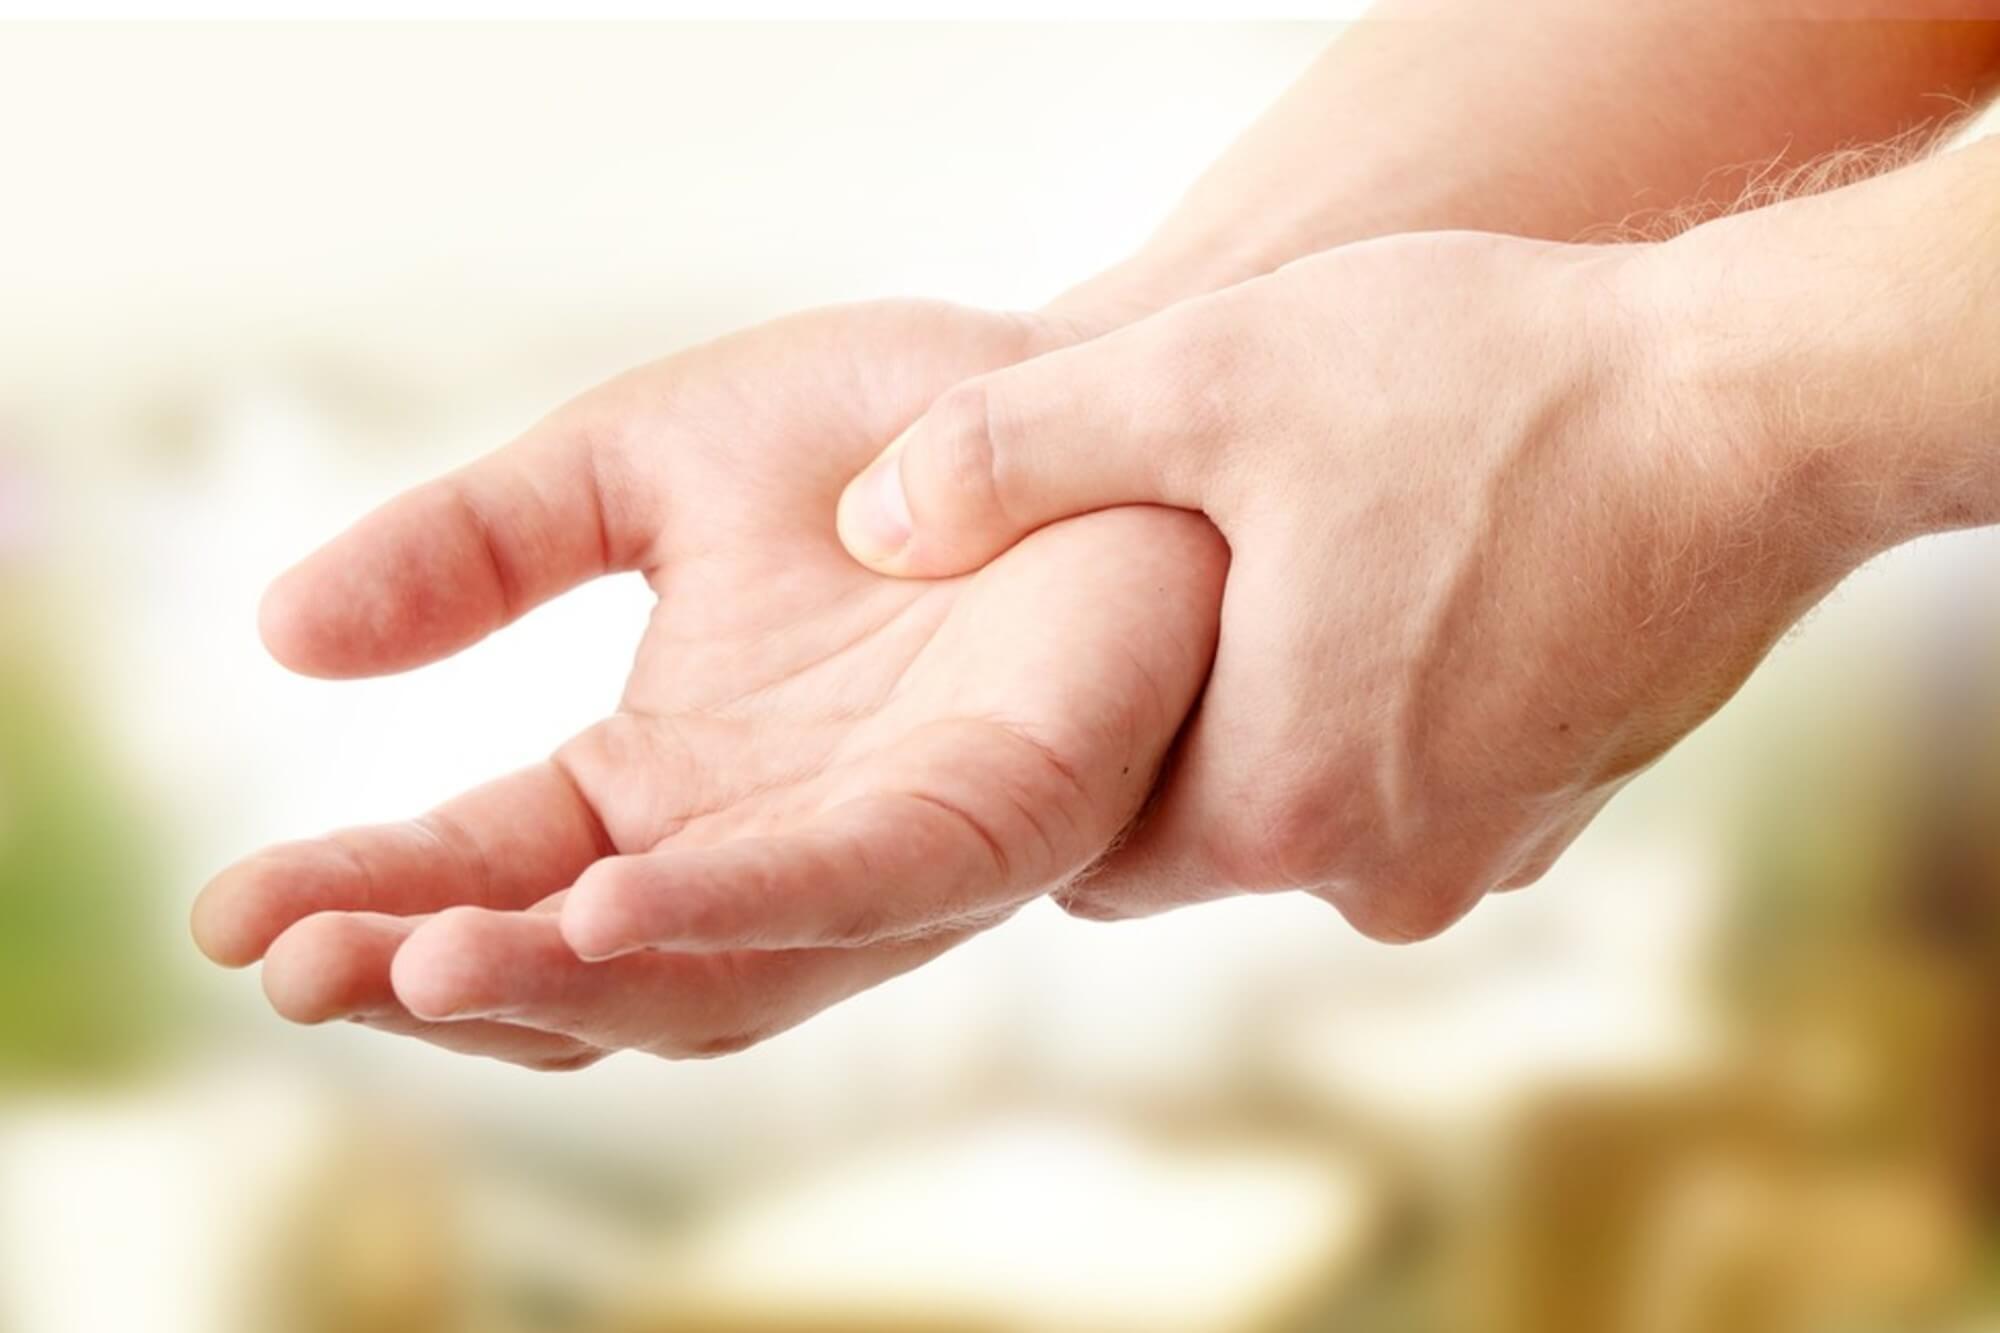 ujj zsibbadás edzett ízületek hogyan kell kezelni